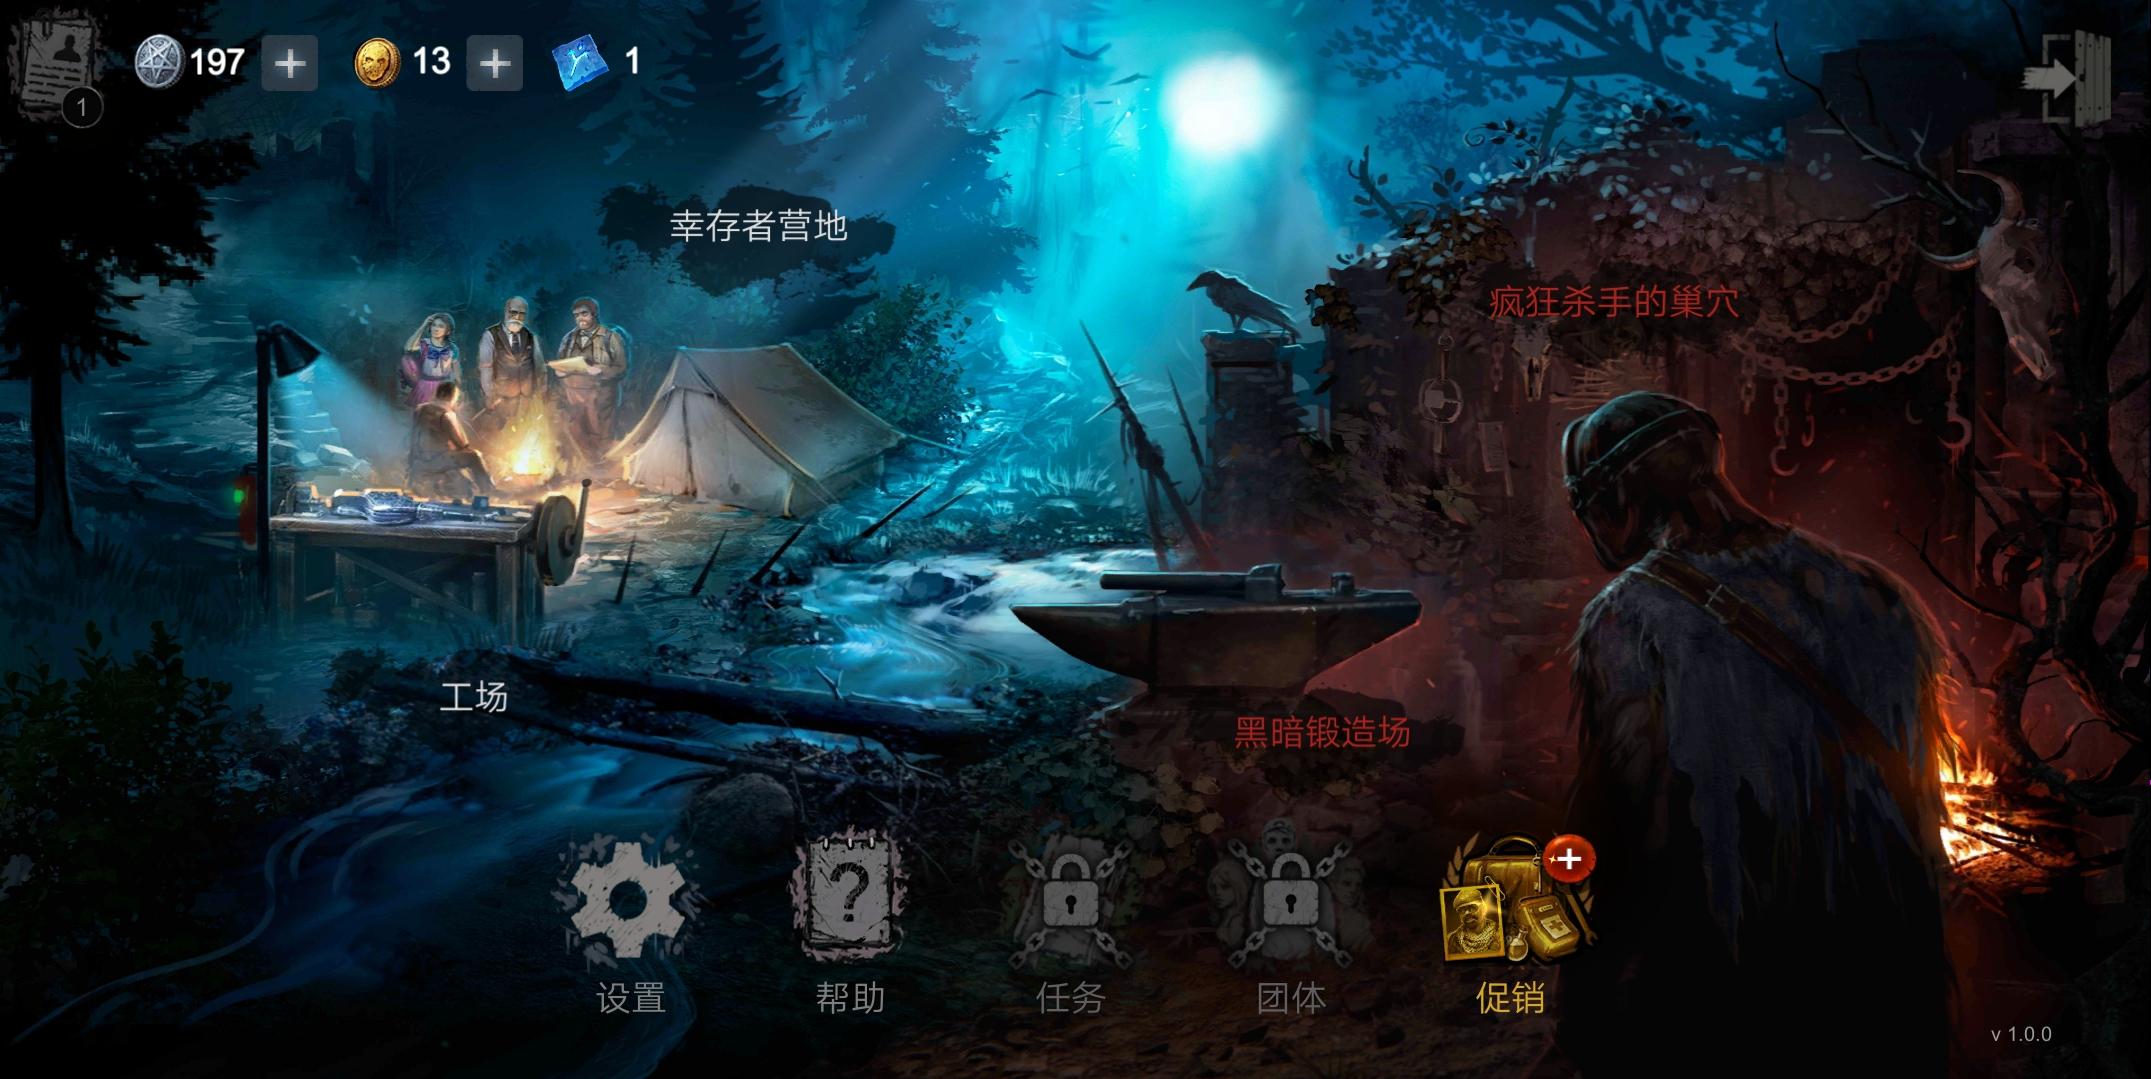 """恐怖领域 Horrorfield:第三人称视角的""""黎明杀机"""" 图片2"""